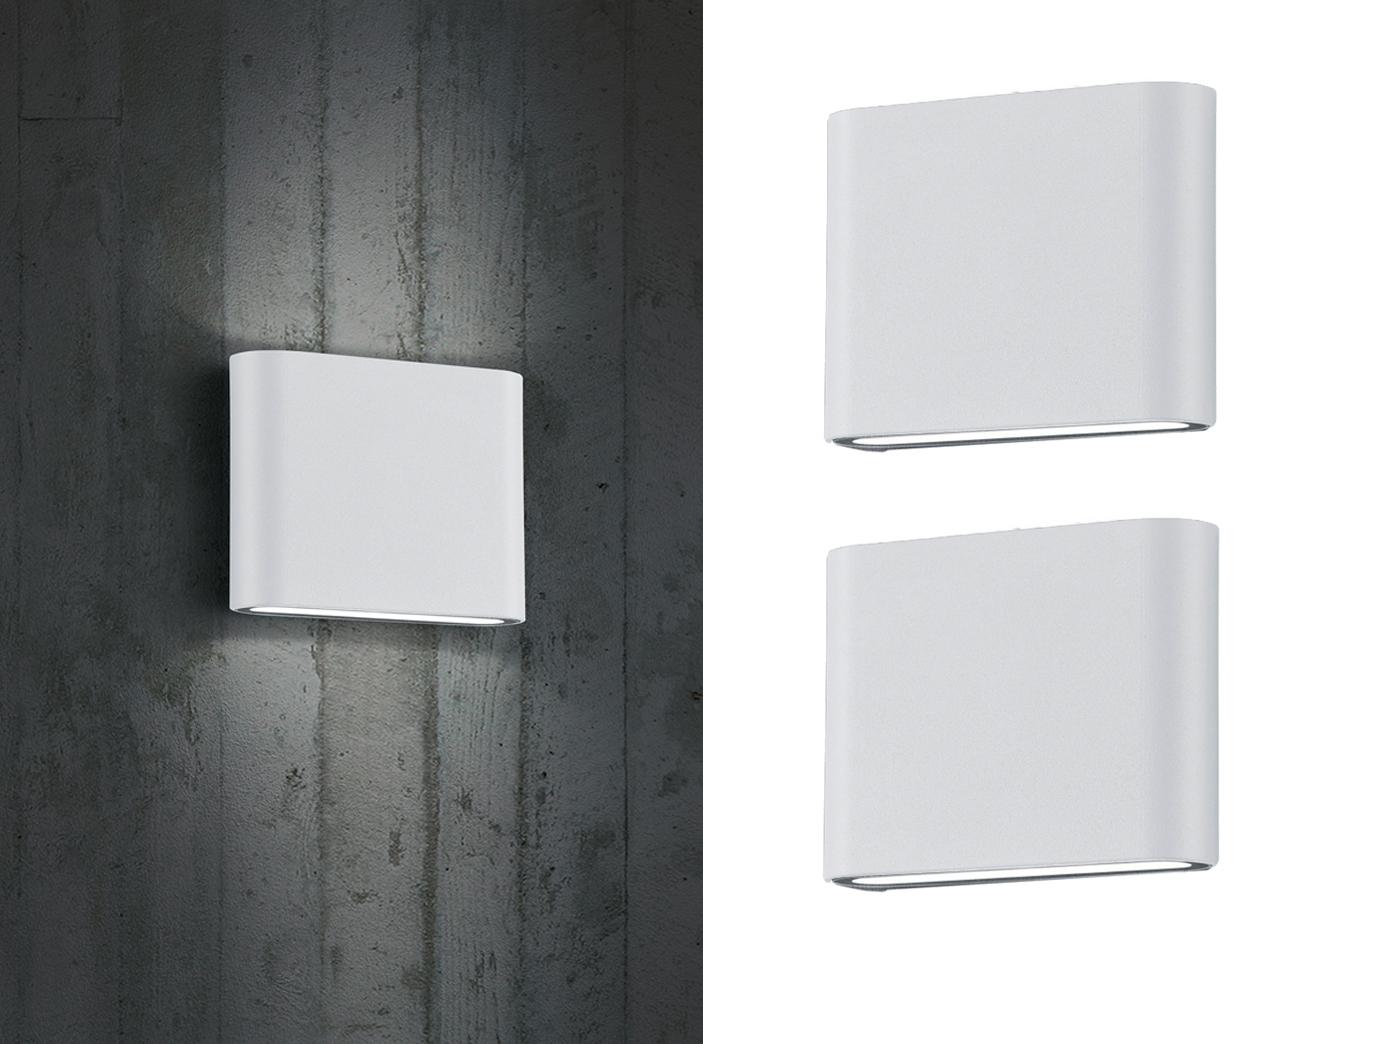 LED Außenwandleuchten 2er SET Up and Down weiß - Wandlampen für Hauswand Außen